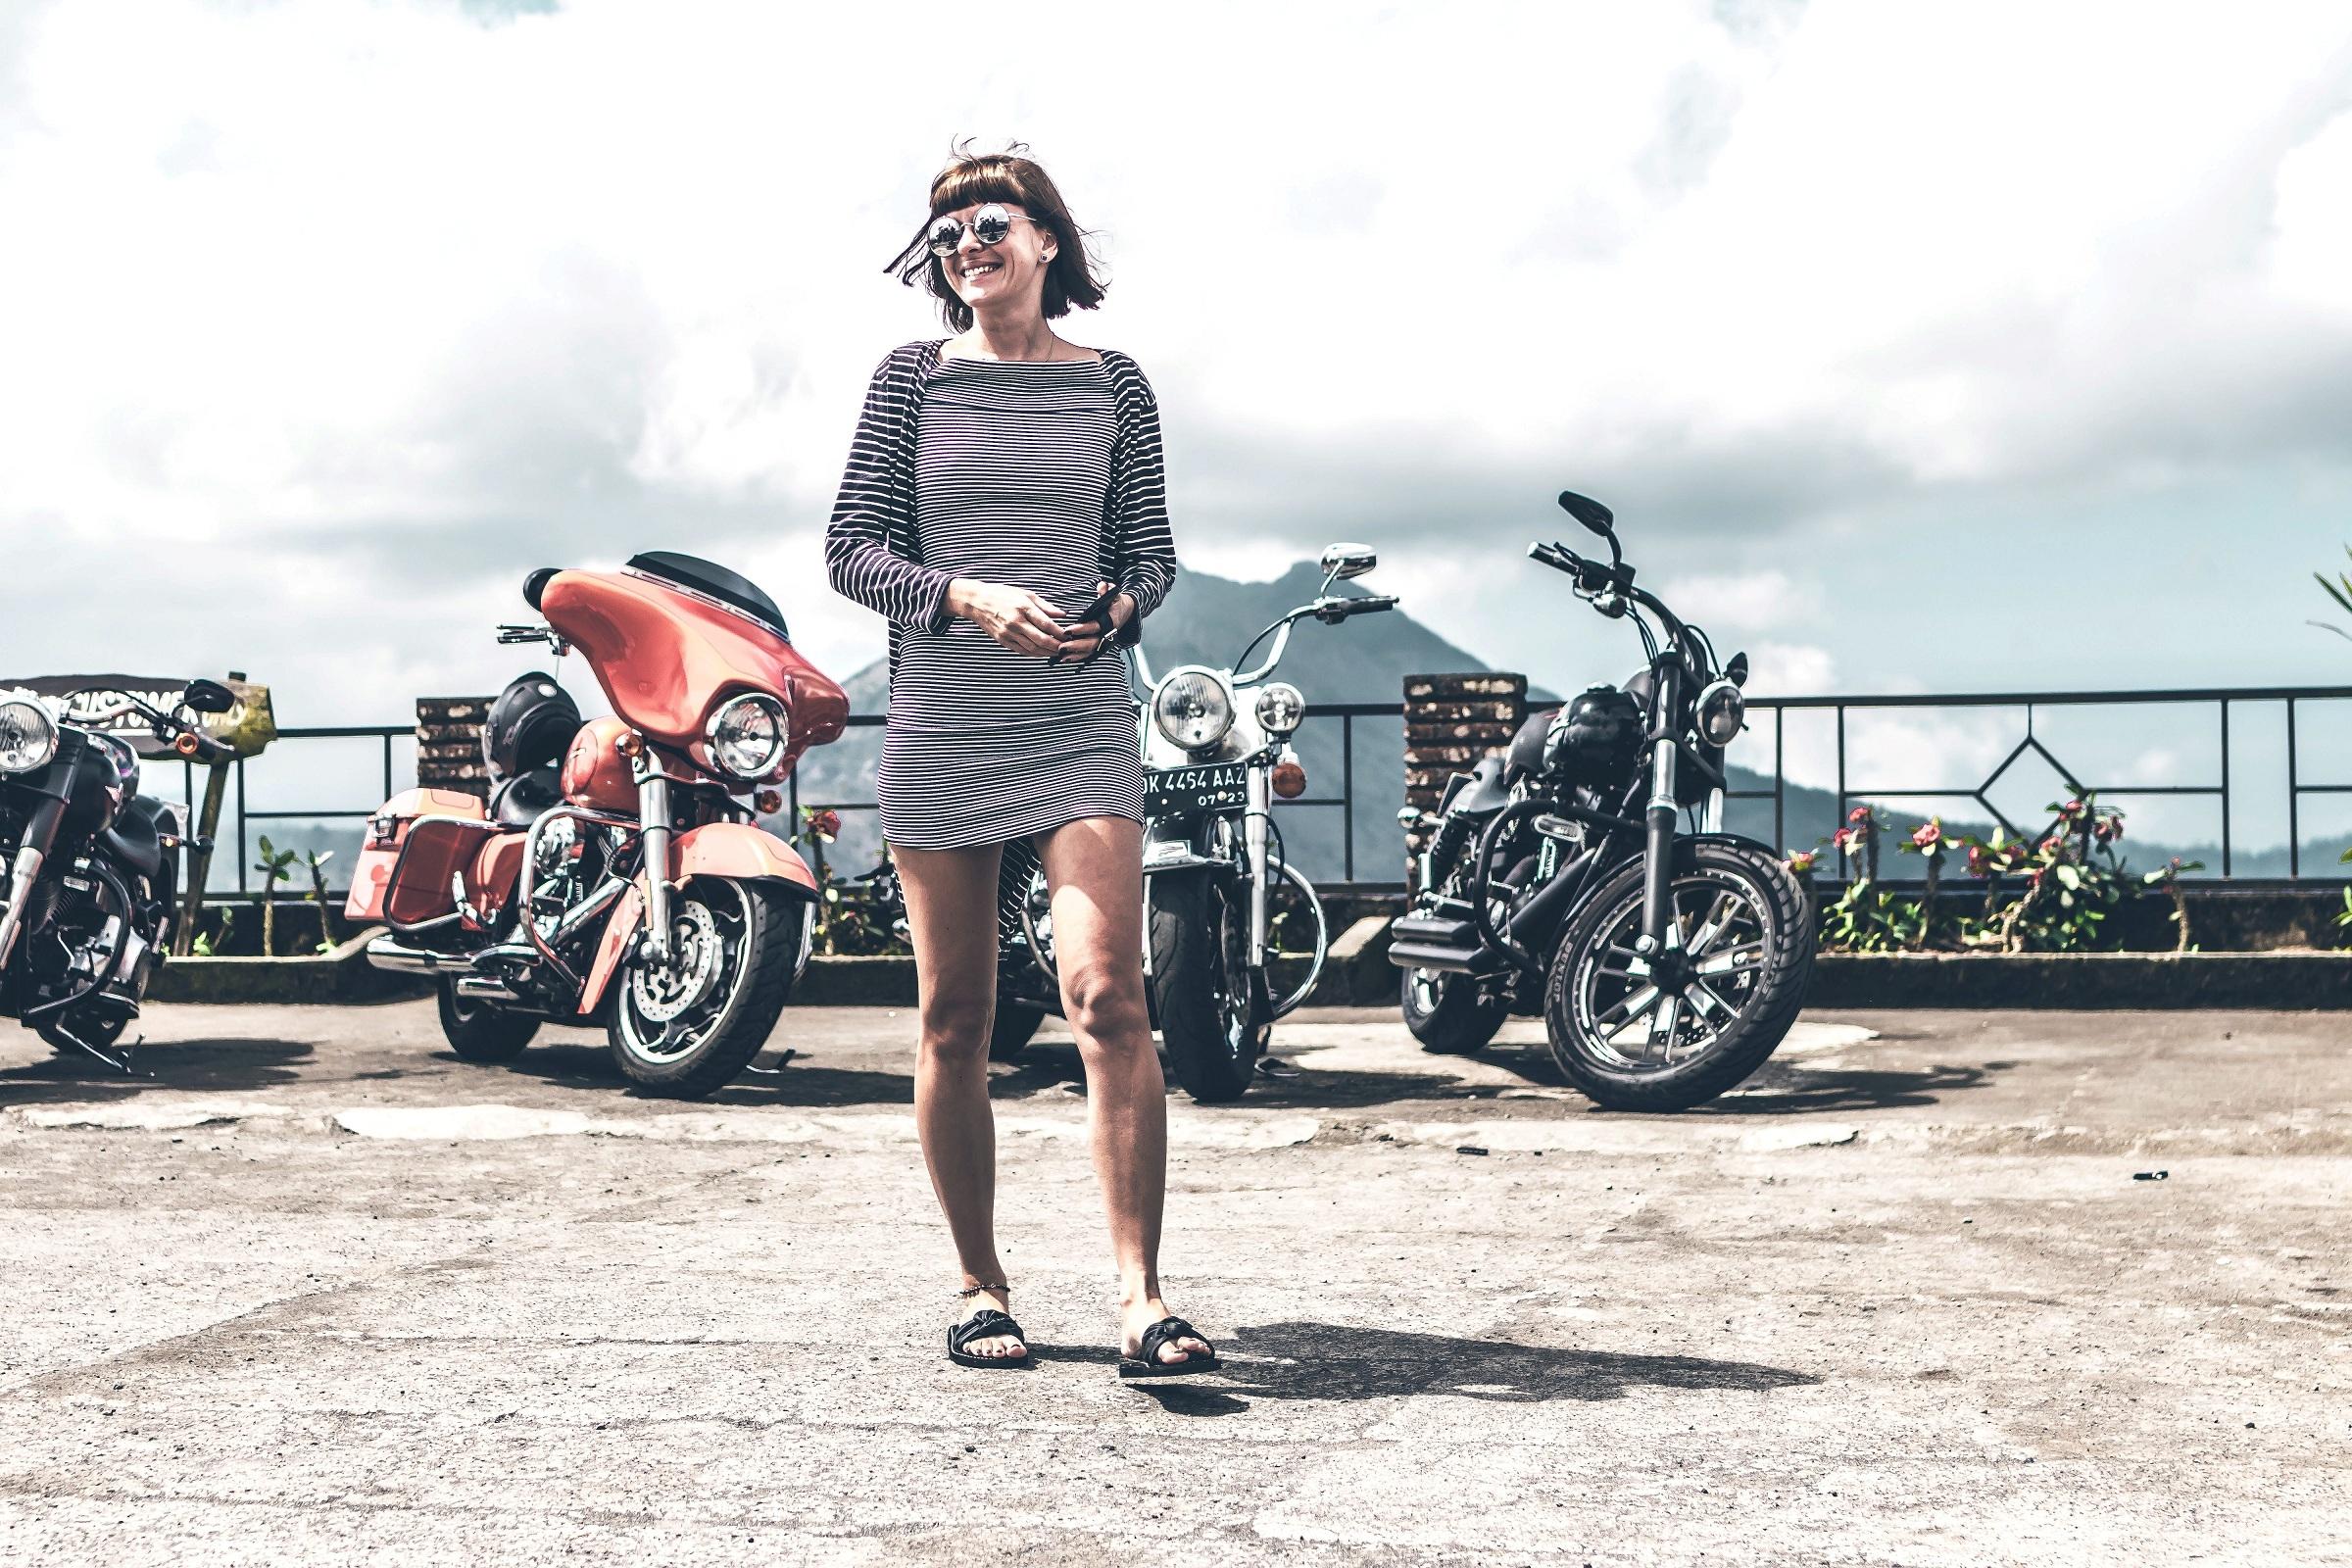 5 dicas para comprar uma moto usada sem erros